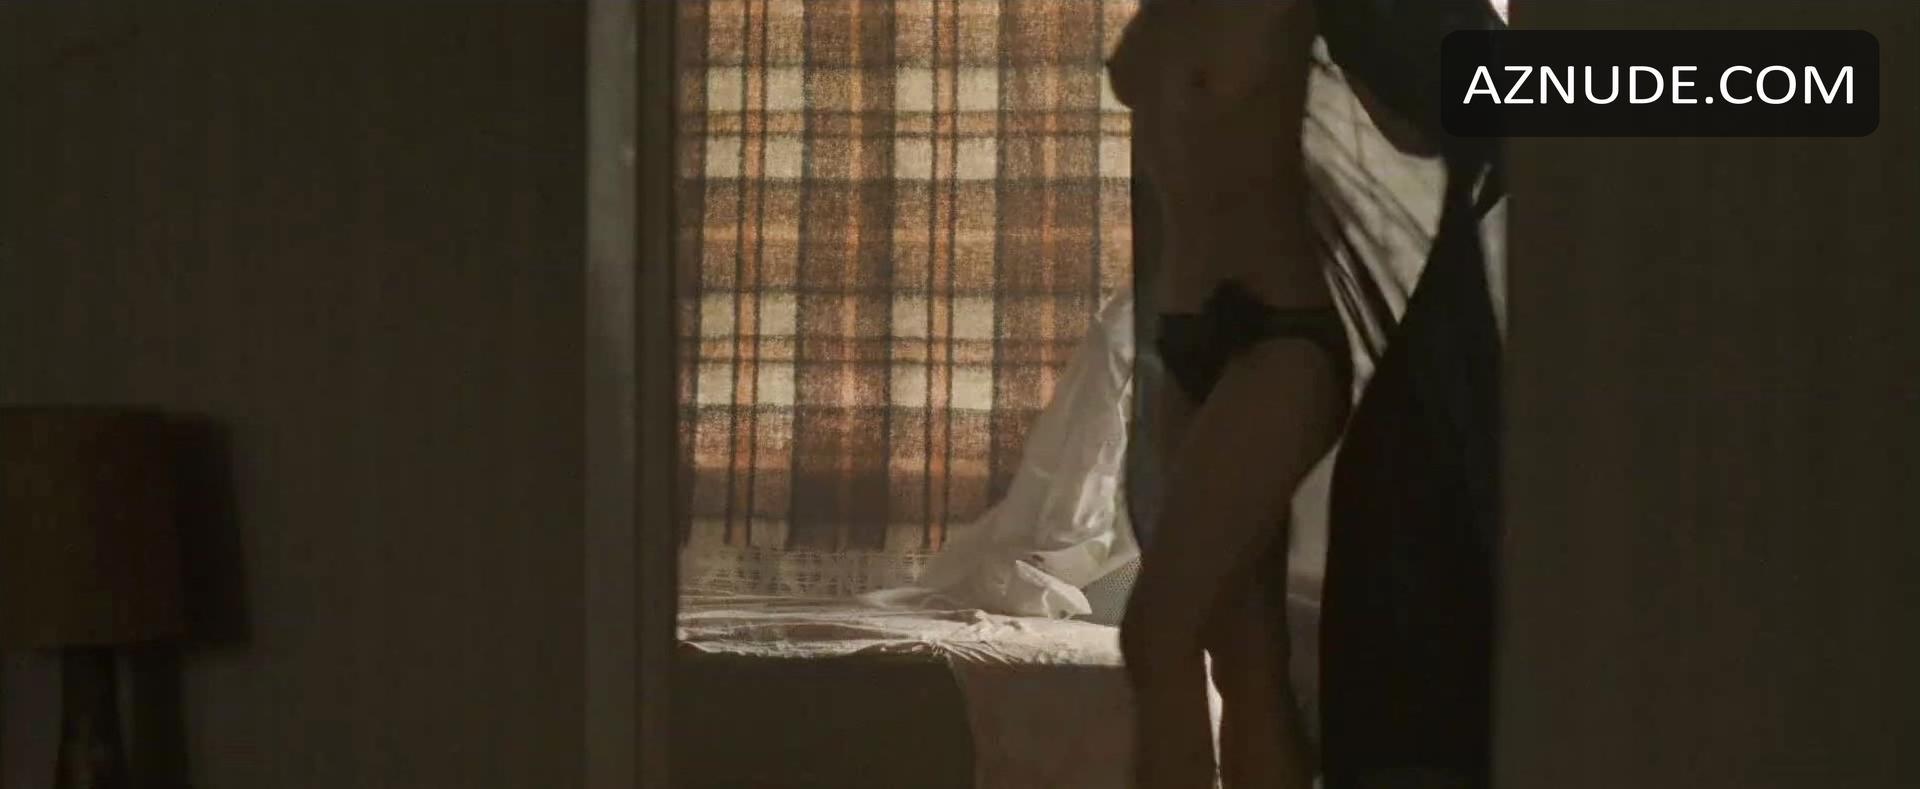 Idea Ruth hawke nake sexd are